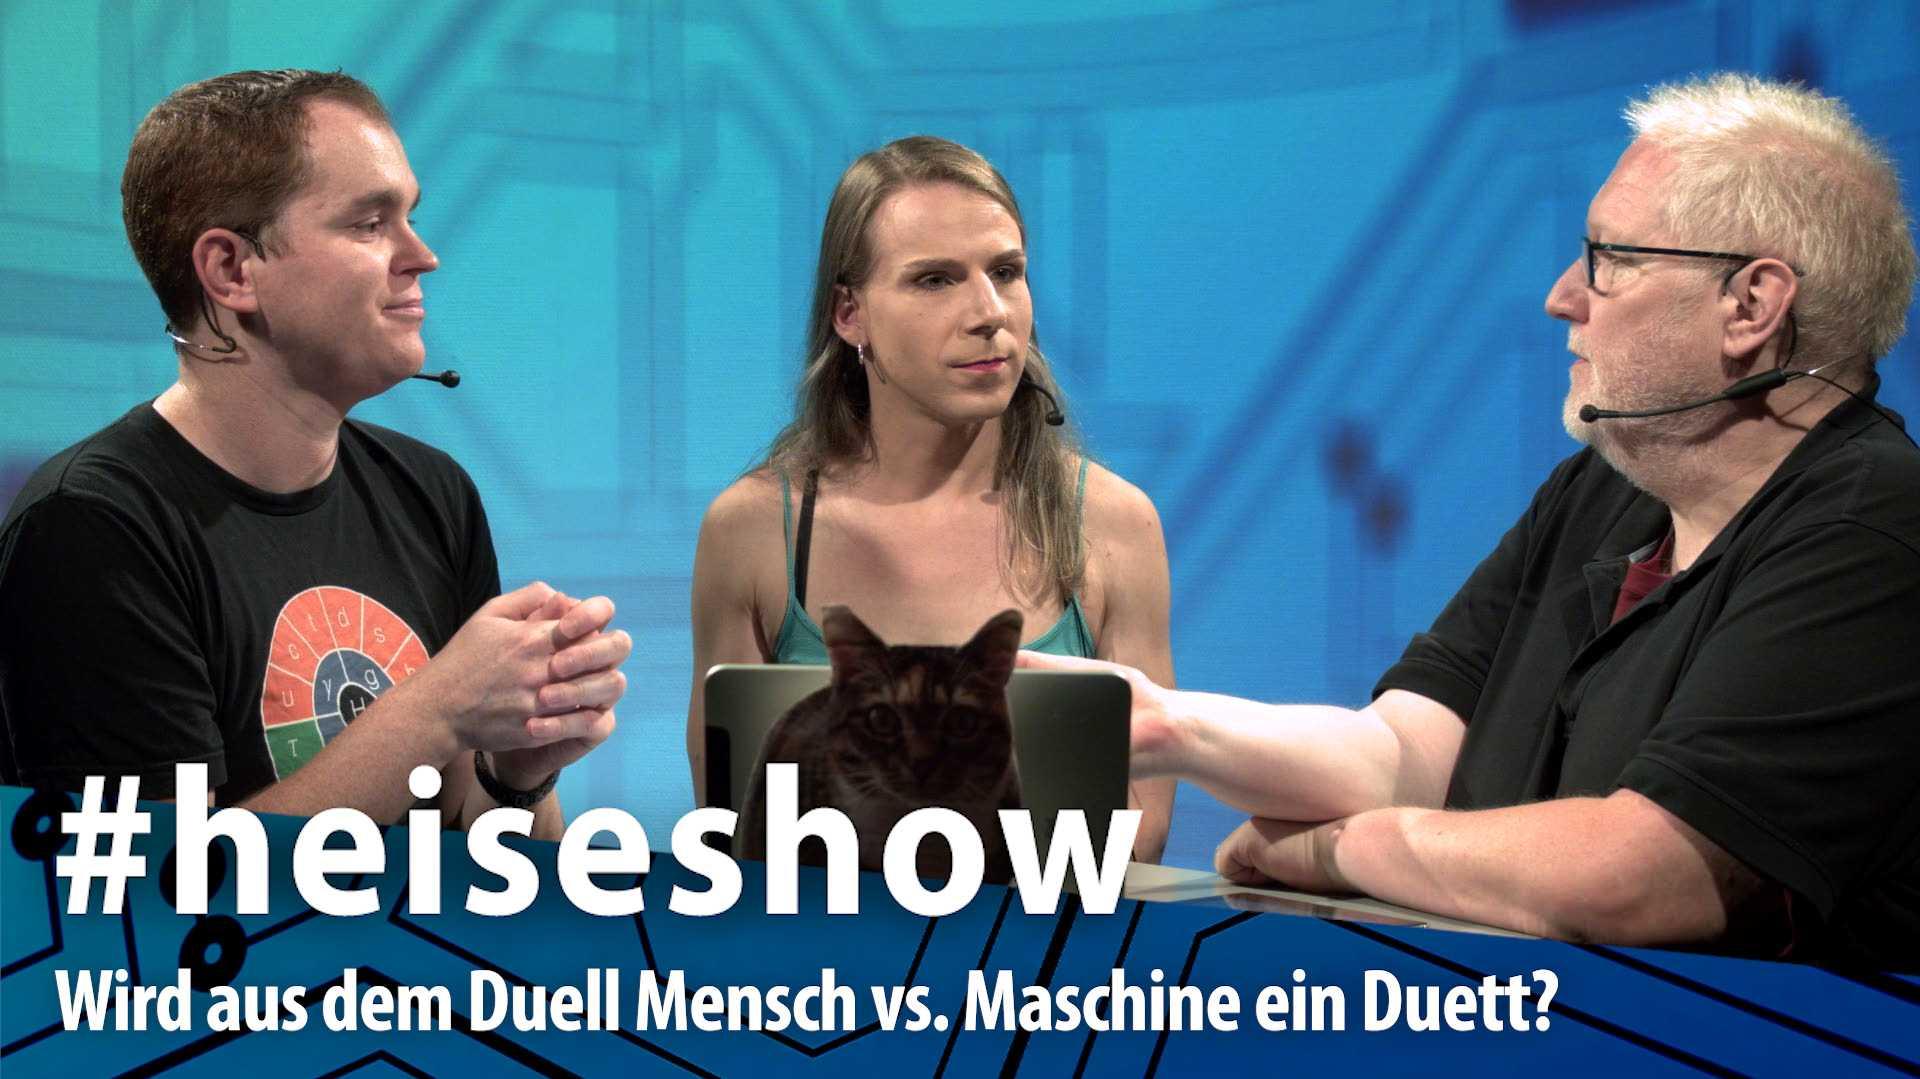 #heiseshow, live ab 12 Uhr: Wird aus dem Duell Mensch vs. Maschine ein Duett?